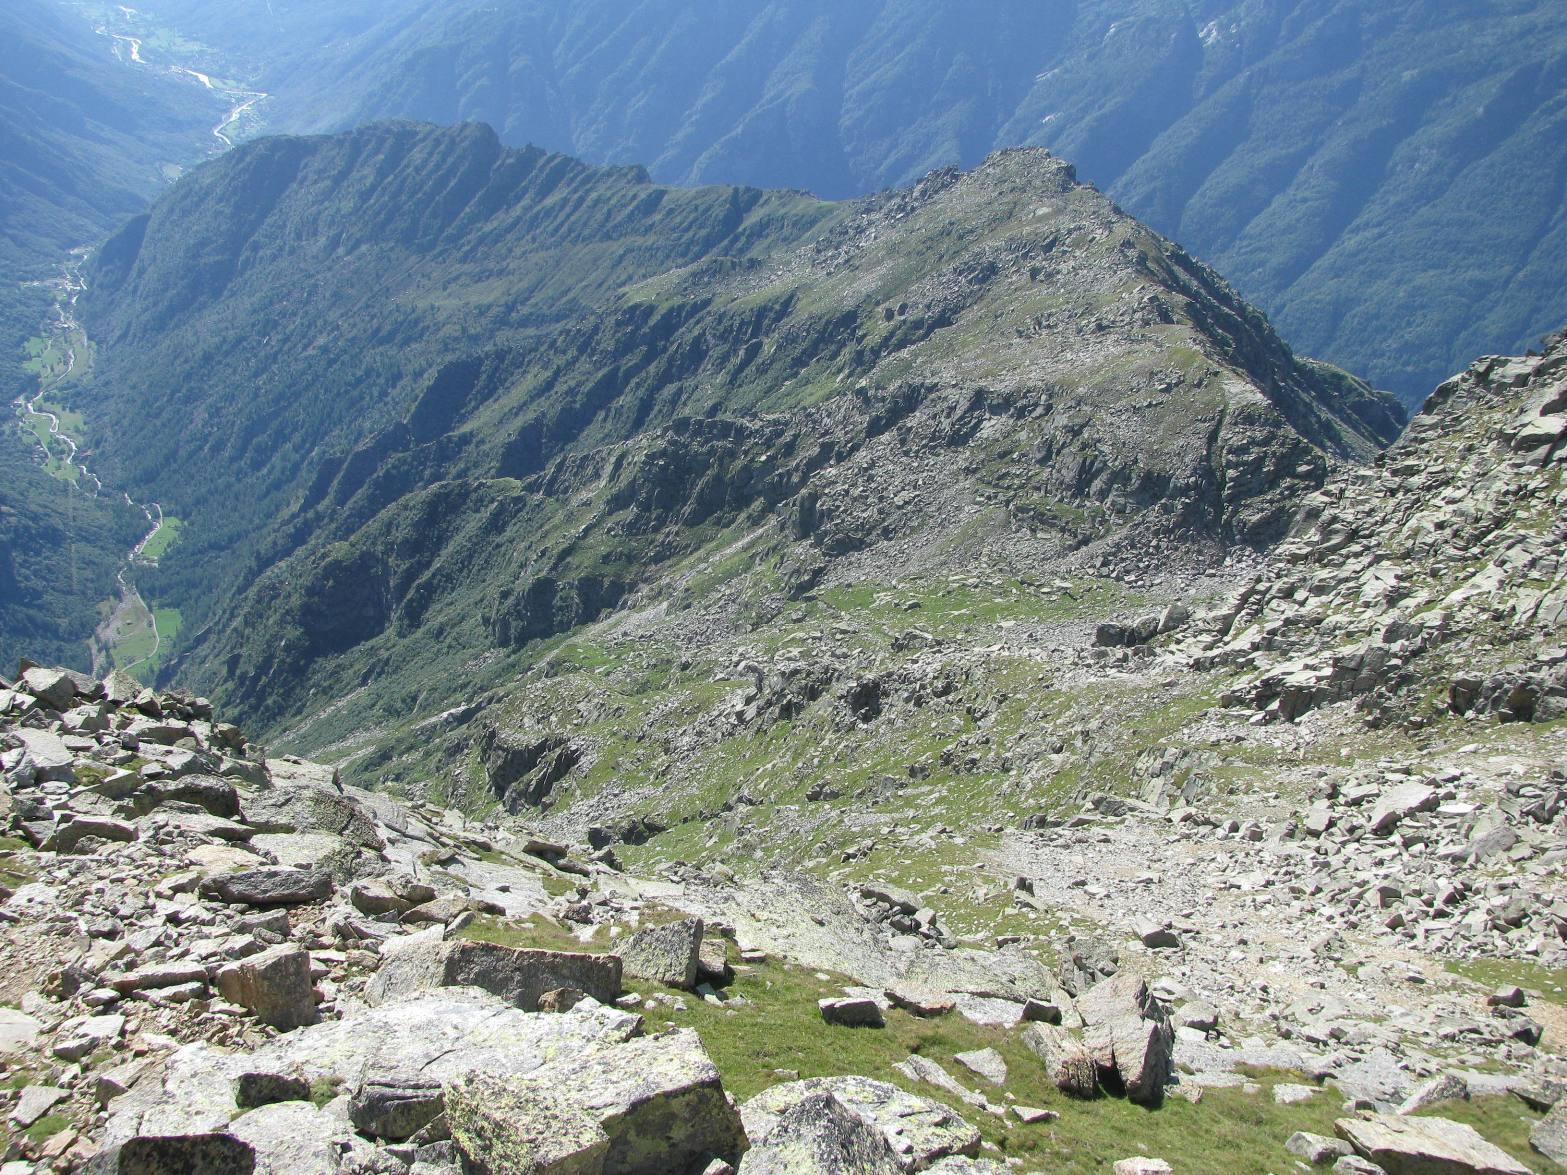 Vista dall'alto del vallone Langiasser